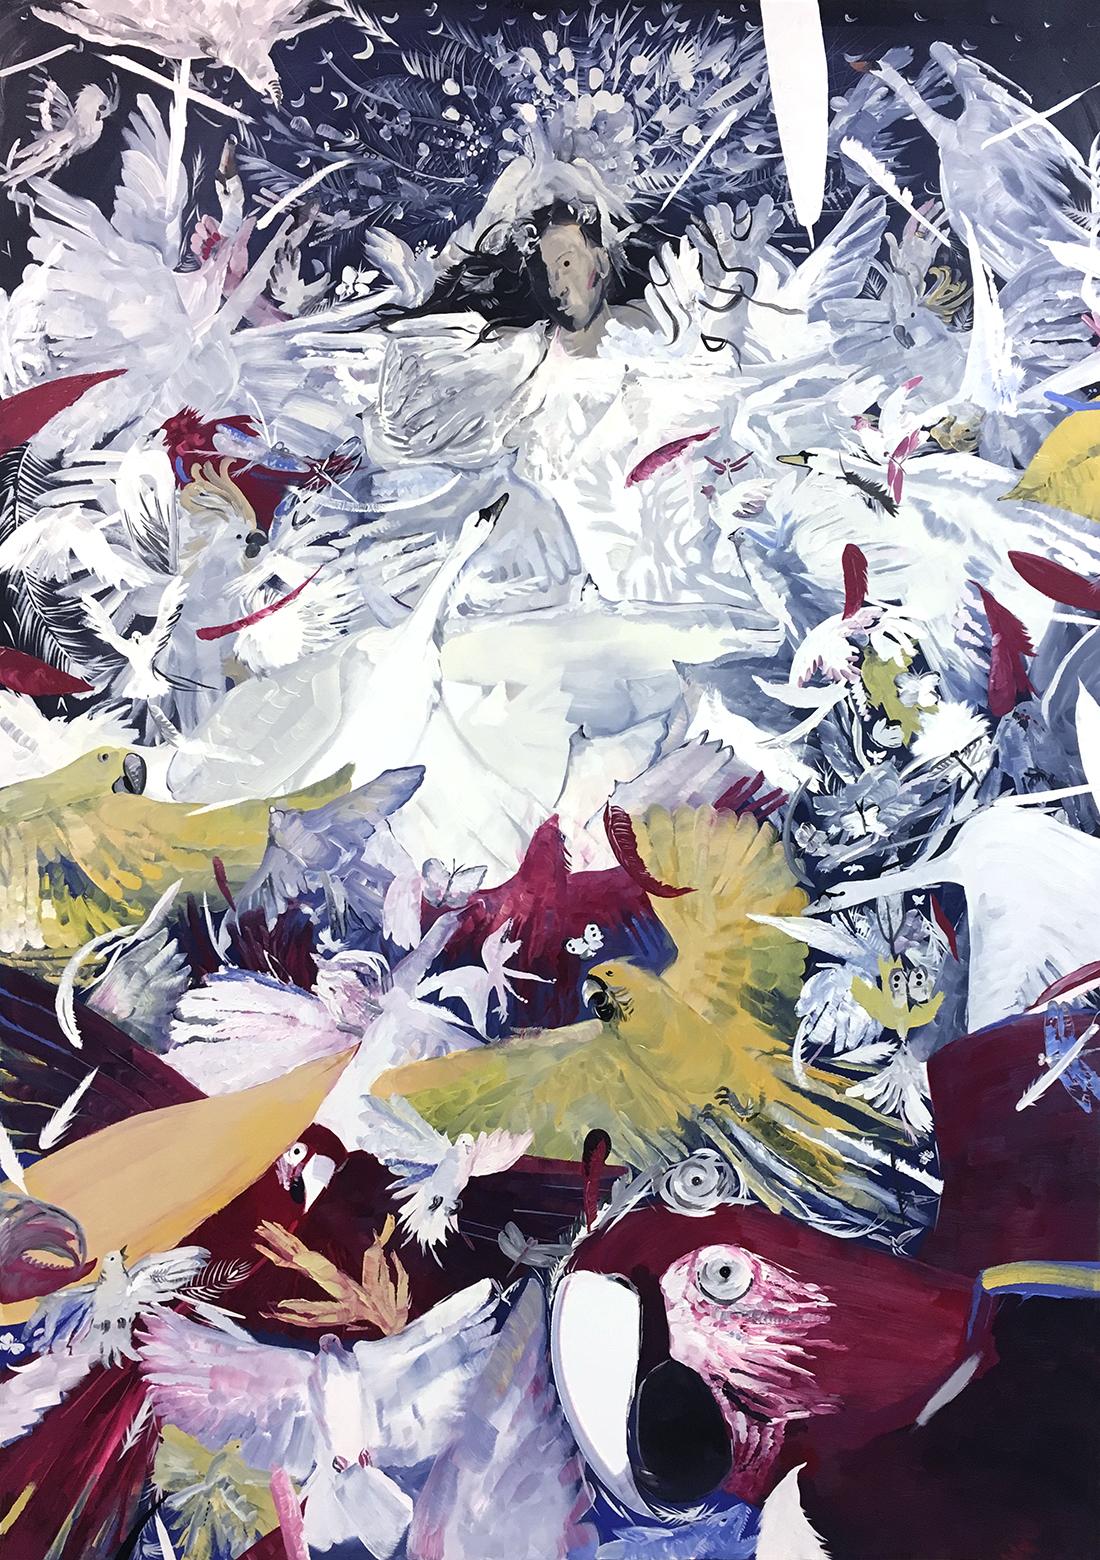 Pola Dwurnik, Uniesienie Alcyny przez białe ptaki (za Przemienieniem Rafaela), wersja II, 2016, olej płótno, 210 x 150 cm